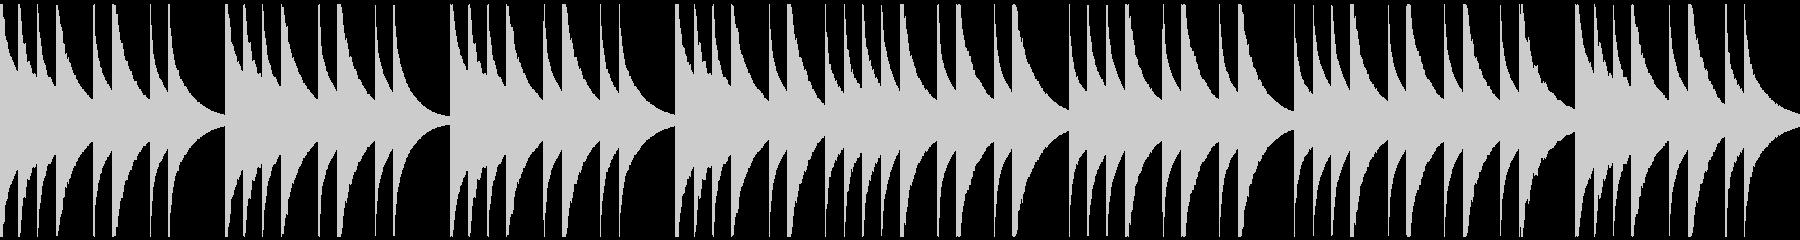 優しくゆったりとしたオルゴール曲の未再生の波形